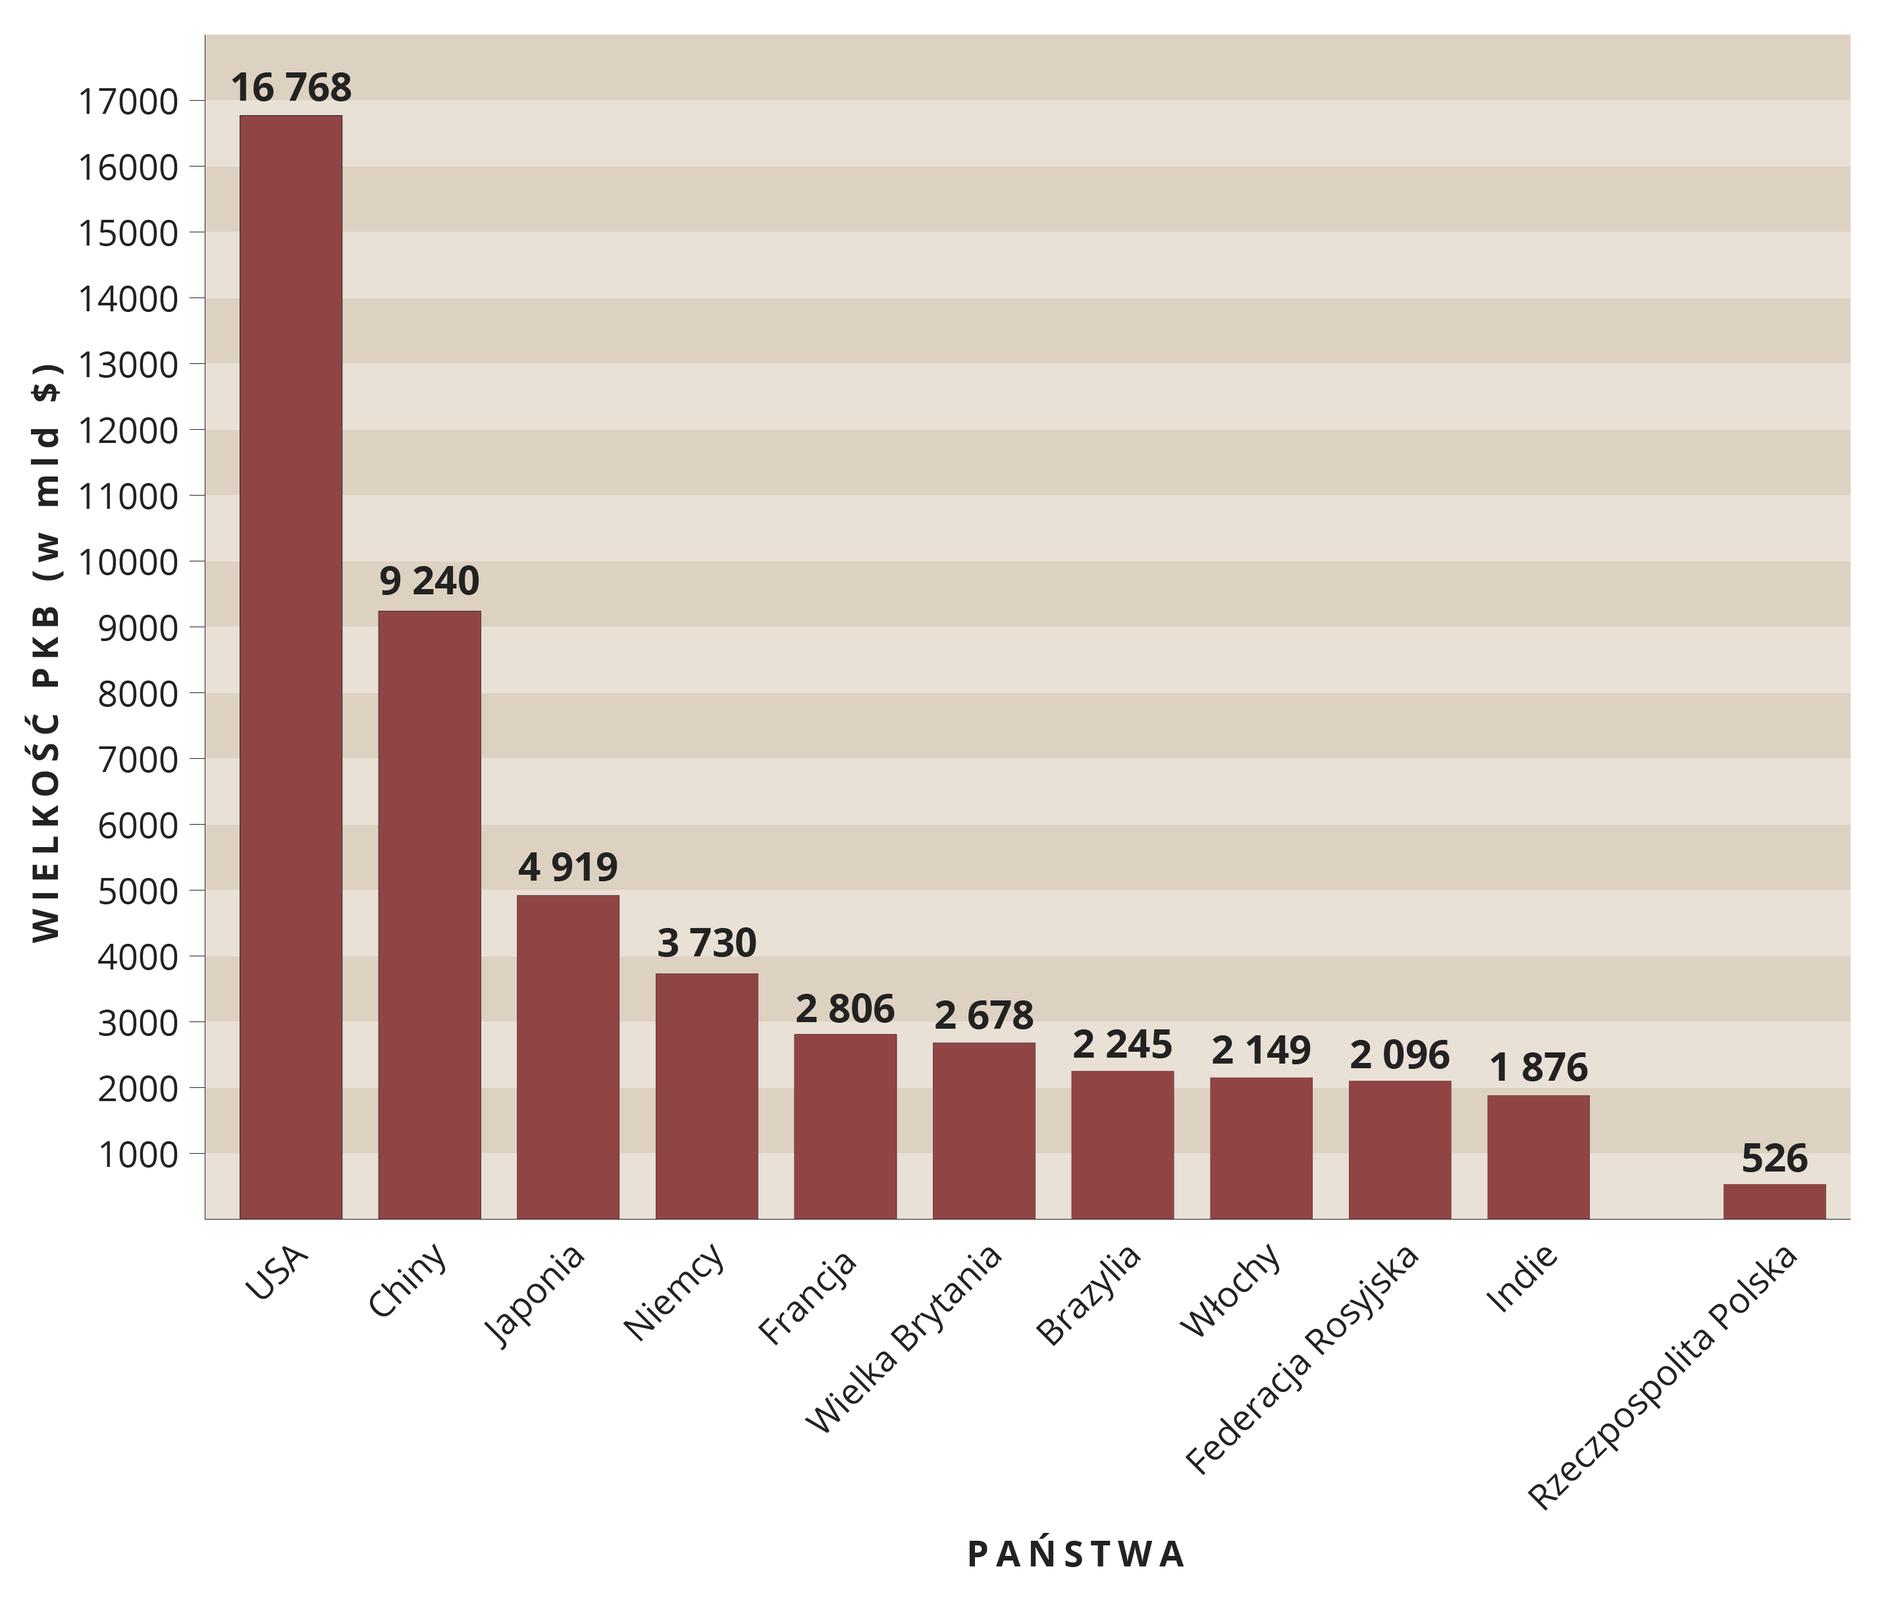 Ilustracja 1 przedstawia wykres słupkowy 10 największych gospodarek świata. Oś pionowa to oś liczbowa wielkość PKB wyrażona wmiliardach dolarów. Oś pozioma to poszczególne państwa. Od lewej największe znajwiększym przyrostem: USA, Chiny, Japonia, Niemcy, Francja, Wielka Brytania, Brazylia, Włochy, Federacja Rosyjska, Indie. Po prawej stronie osi Polska dla porównania. Największa gospodarka wUSA sięga 17 tysięcy miliardów aPolska to 526 miliardów.